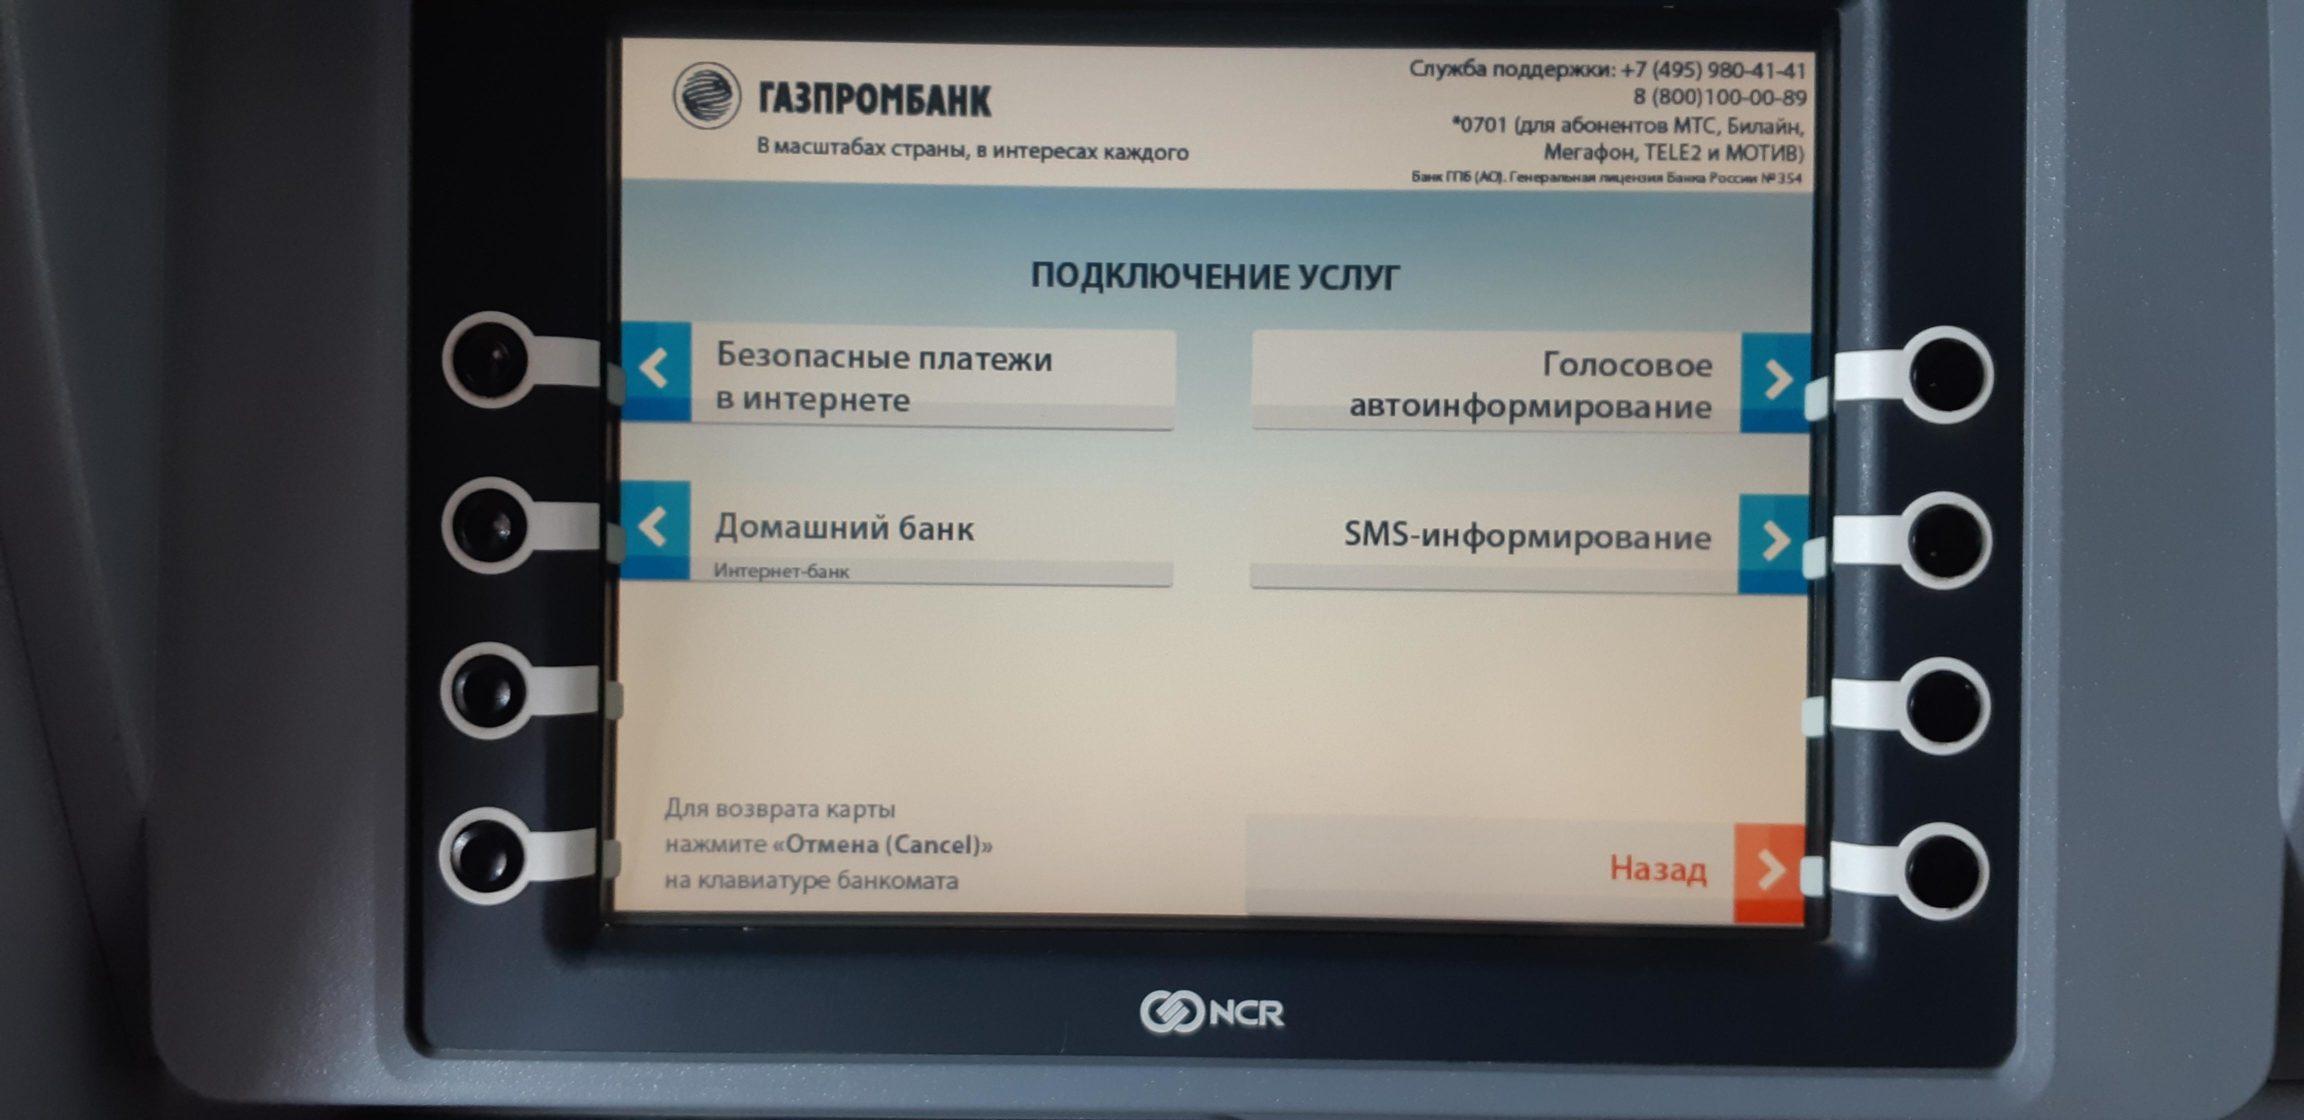 Регистрация в Интернет Банке через банкомат шаг 7